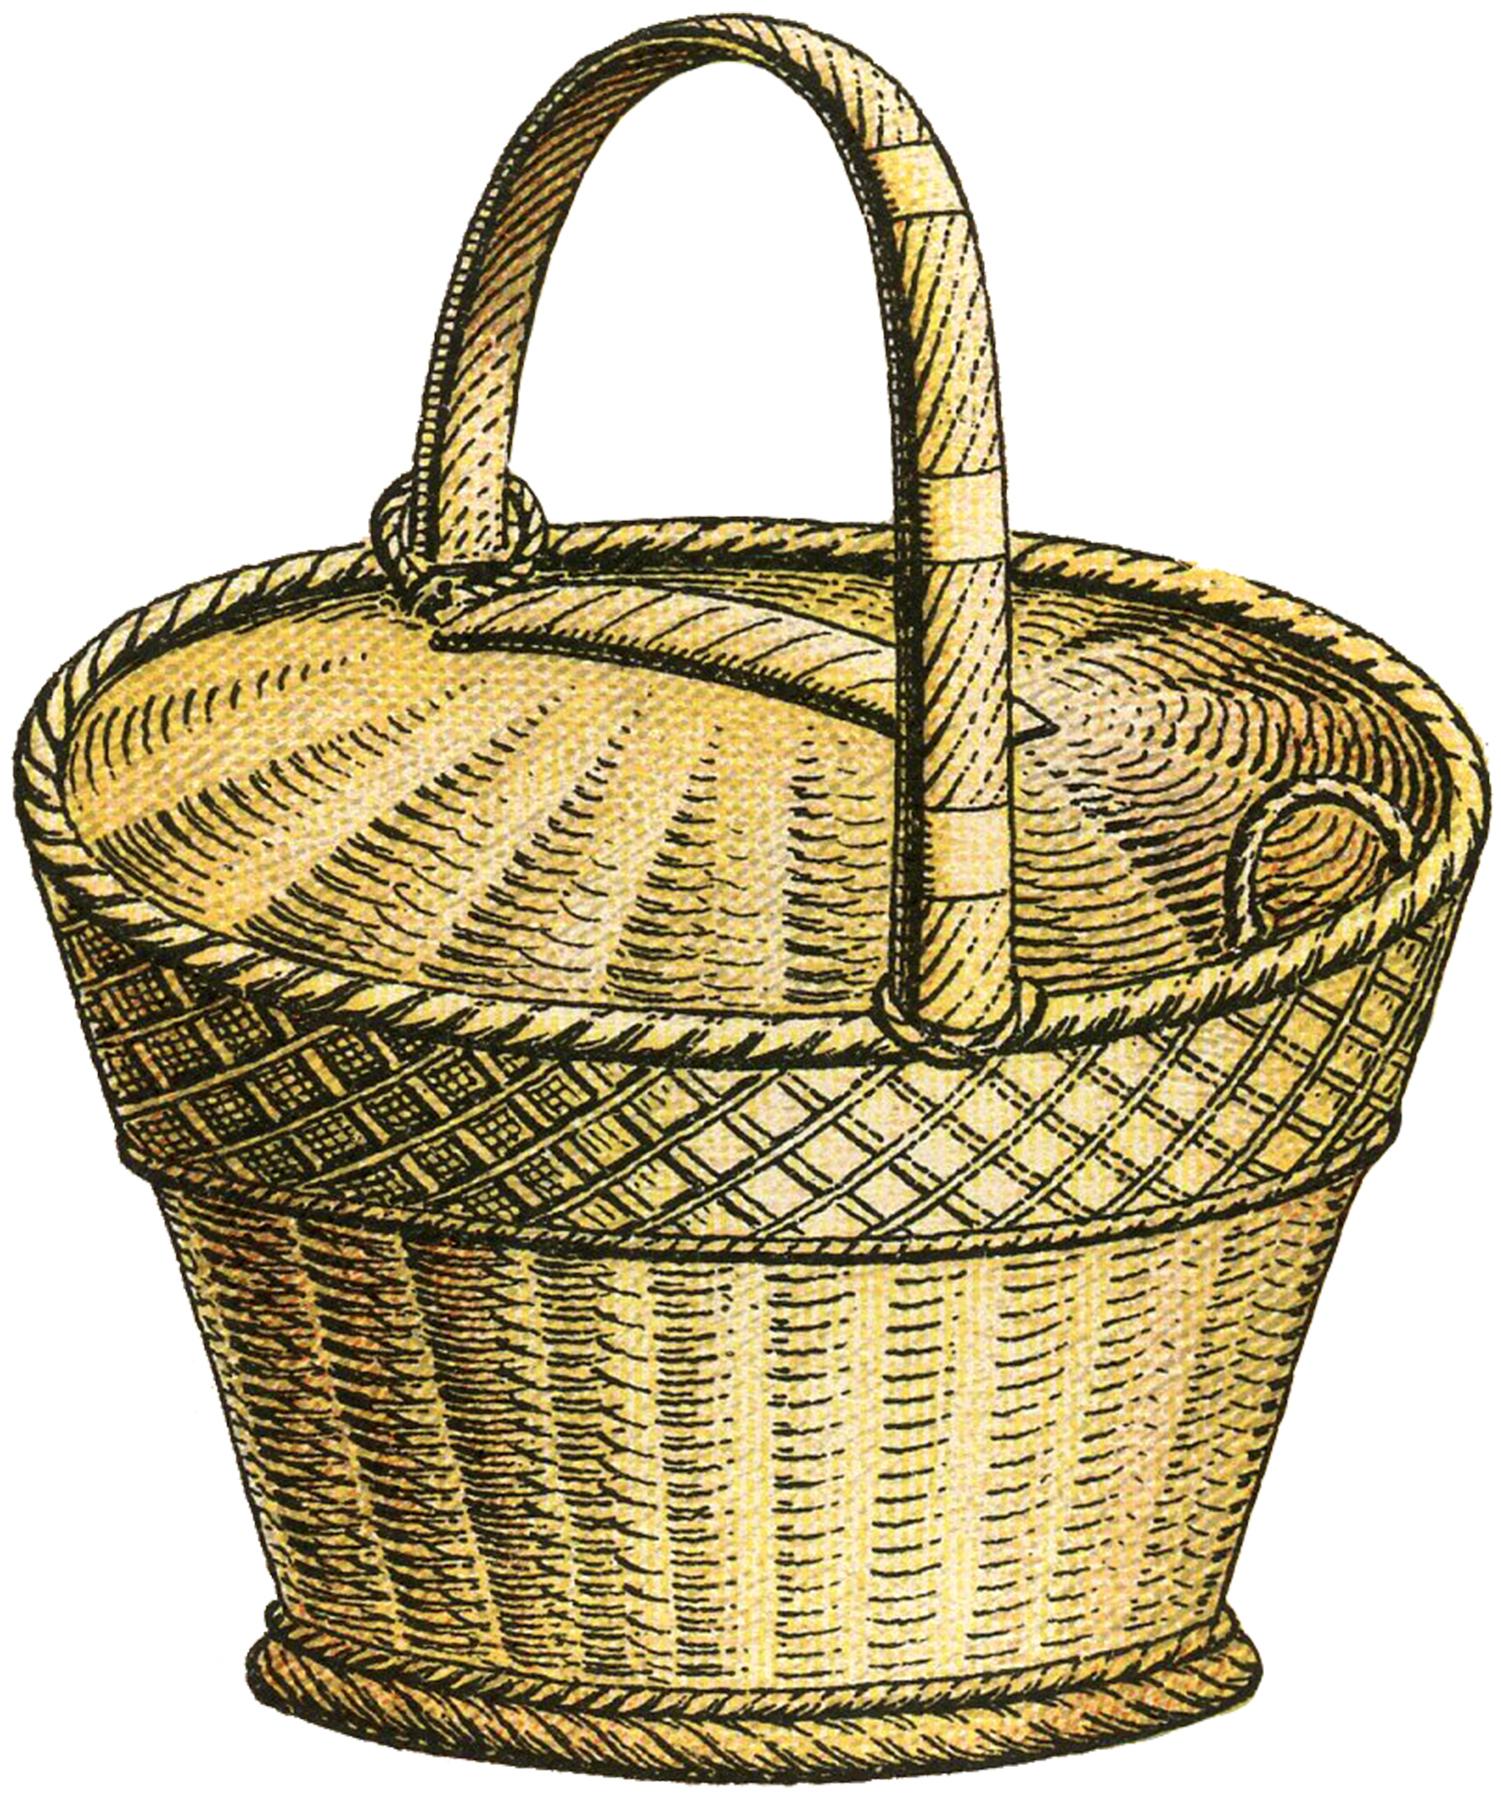 Basket clipart images clipartfest